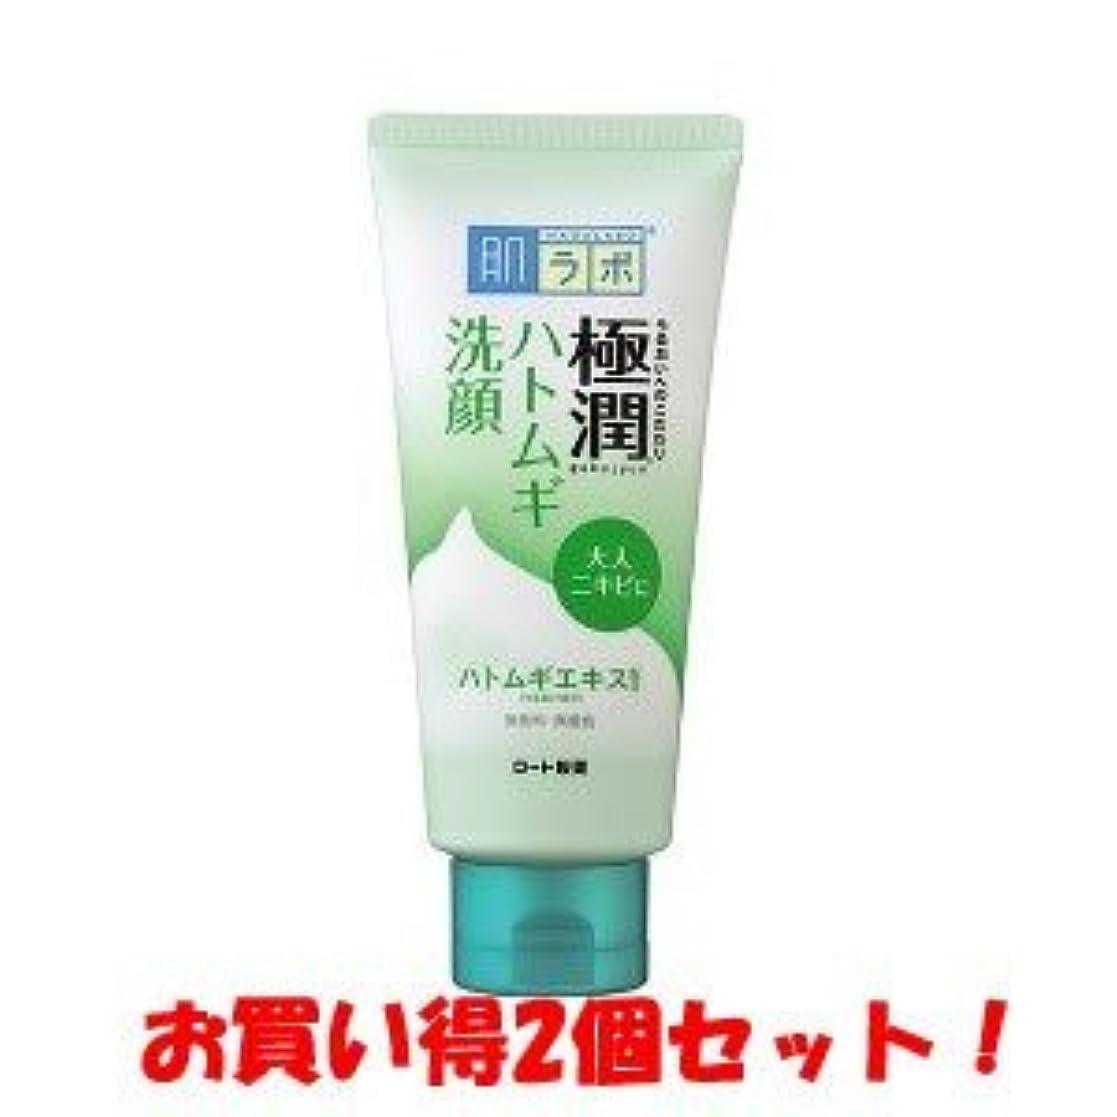 雇うありがたい社会(ロート製薬)肌研 極潤 ハトムギ洗顔フォーム 110g(お買い得2個セット)